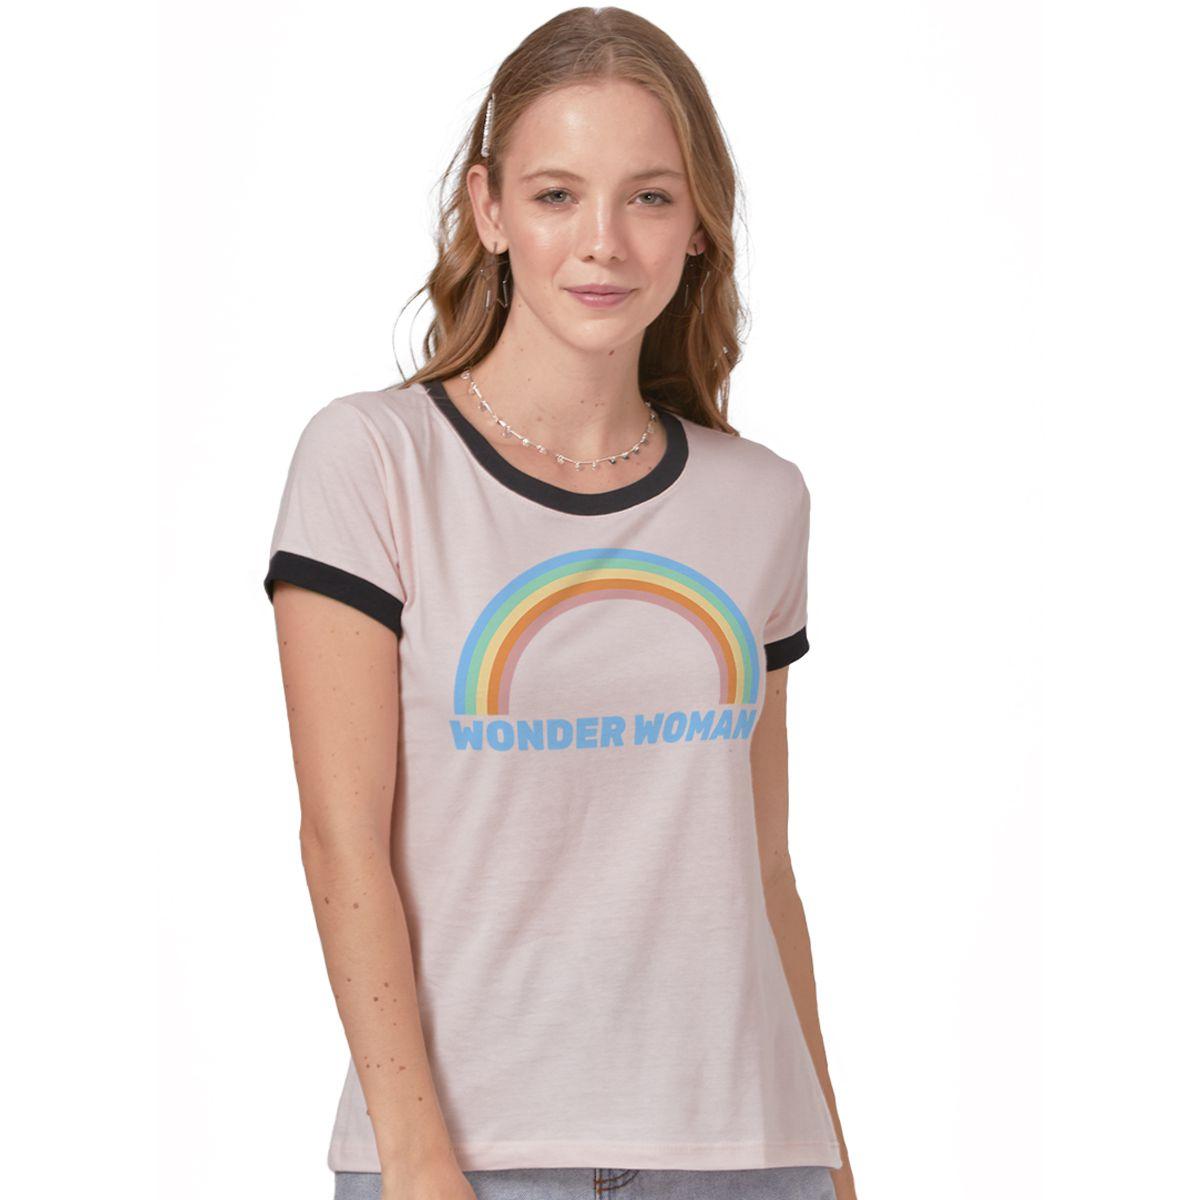 Camiseta Mulher Maravilha Rainbow Ringer  - bandUP Store Marketplace